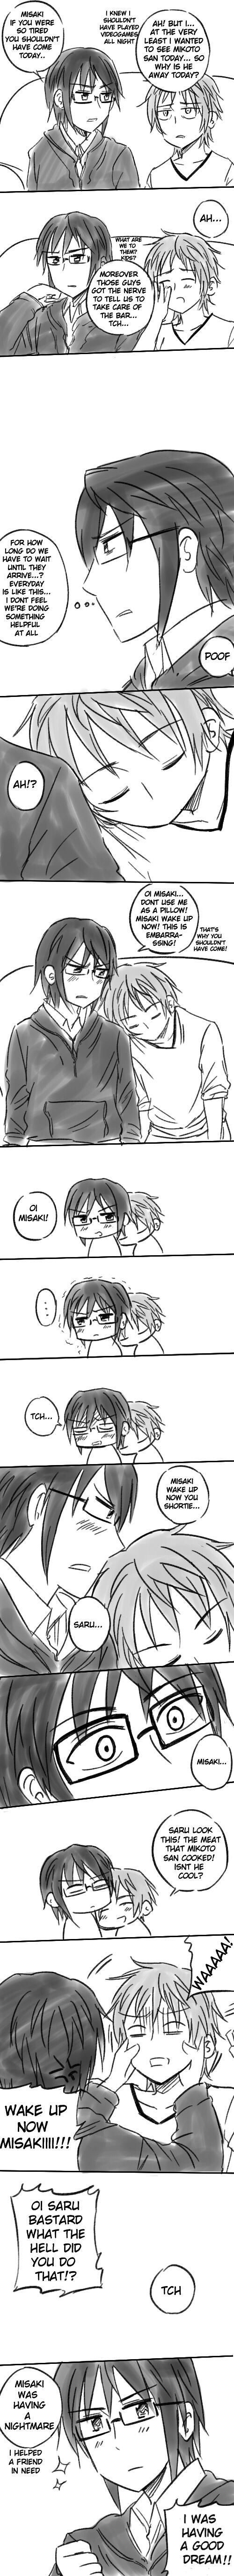 Sarumi comic by kaguya-lamperouge